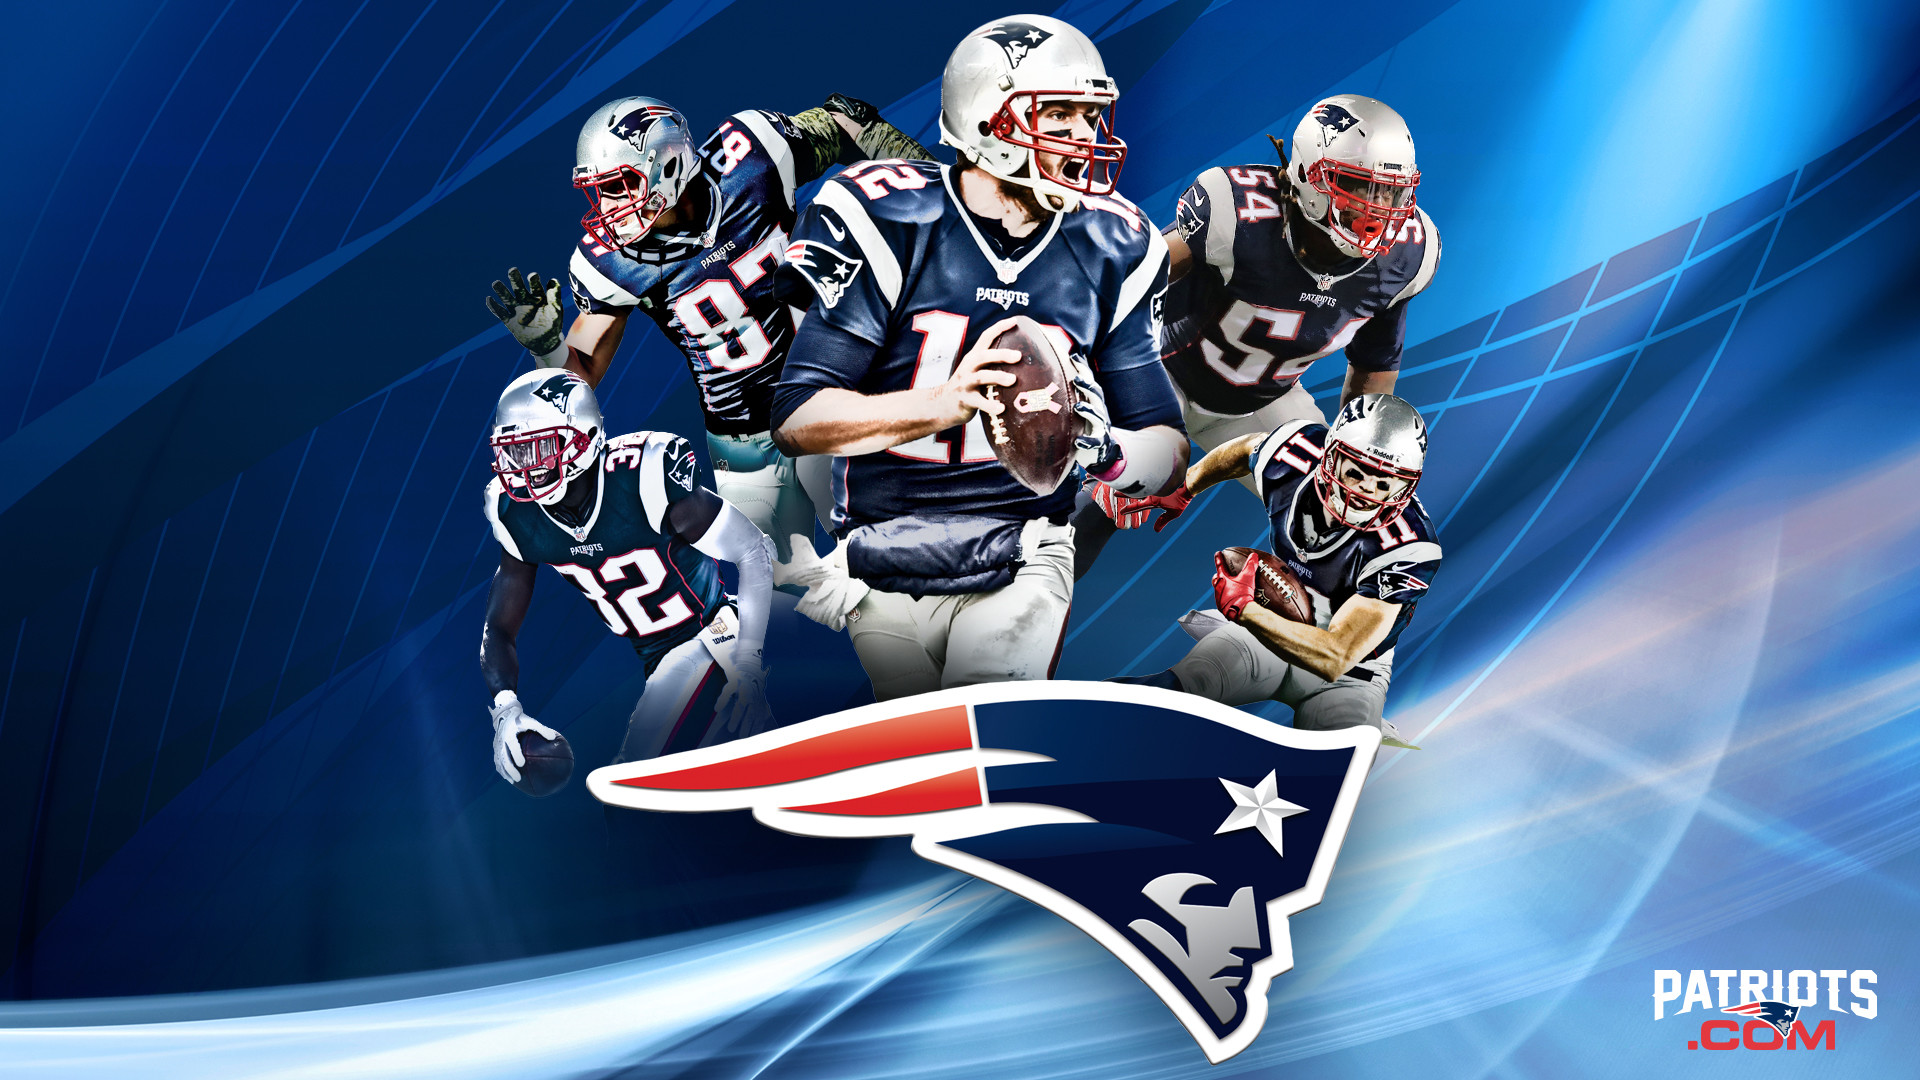 New England Patriots Screensaver Wallpaper 68 images 1920x1080